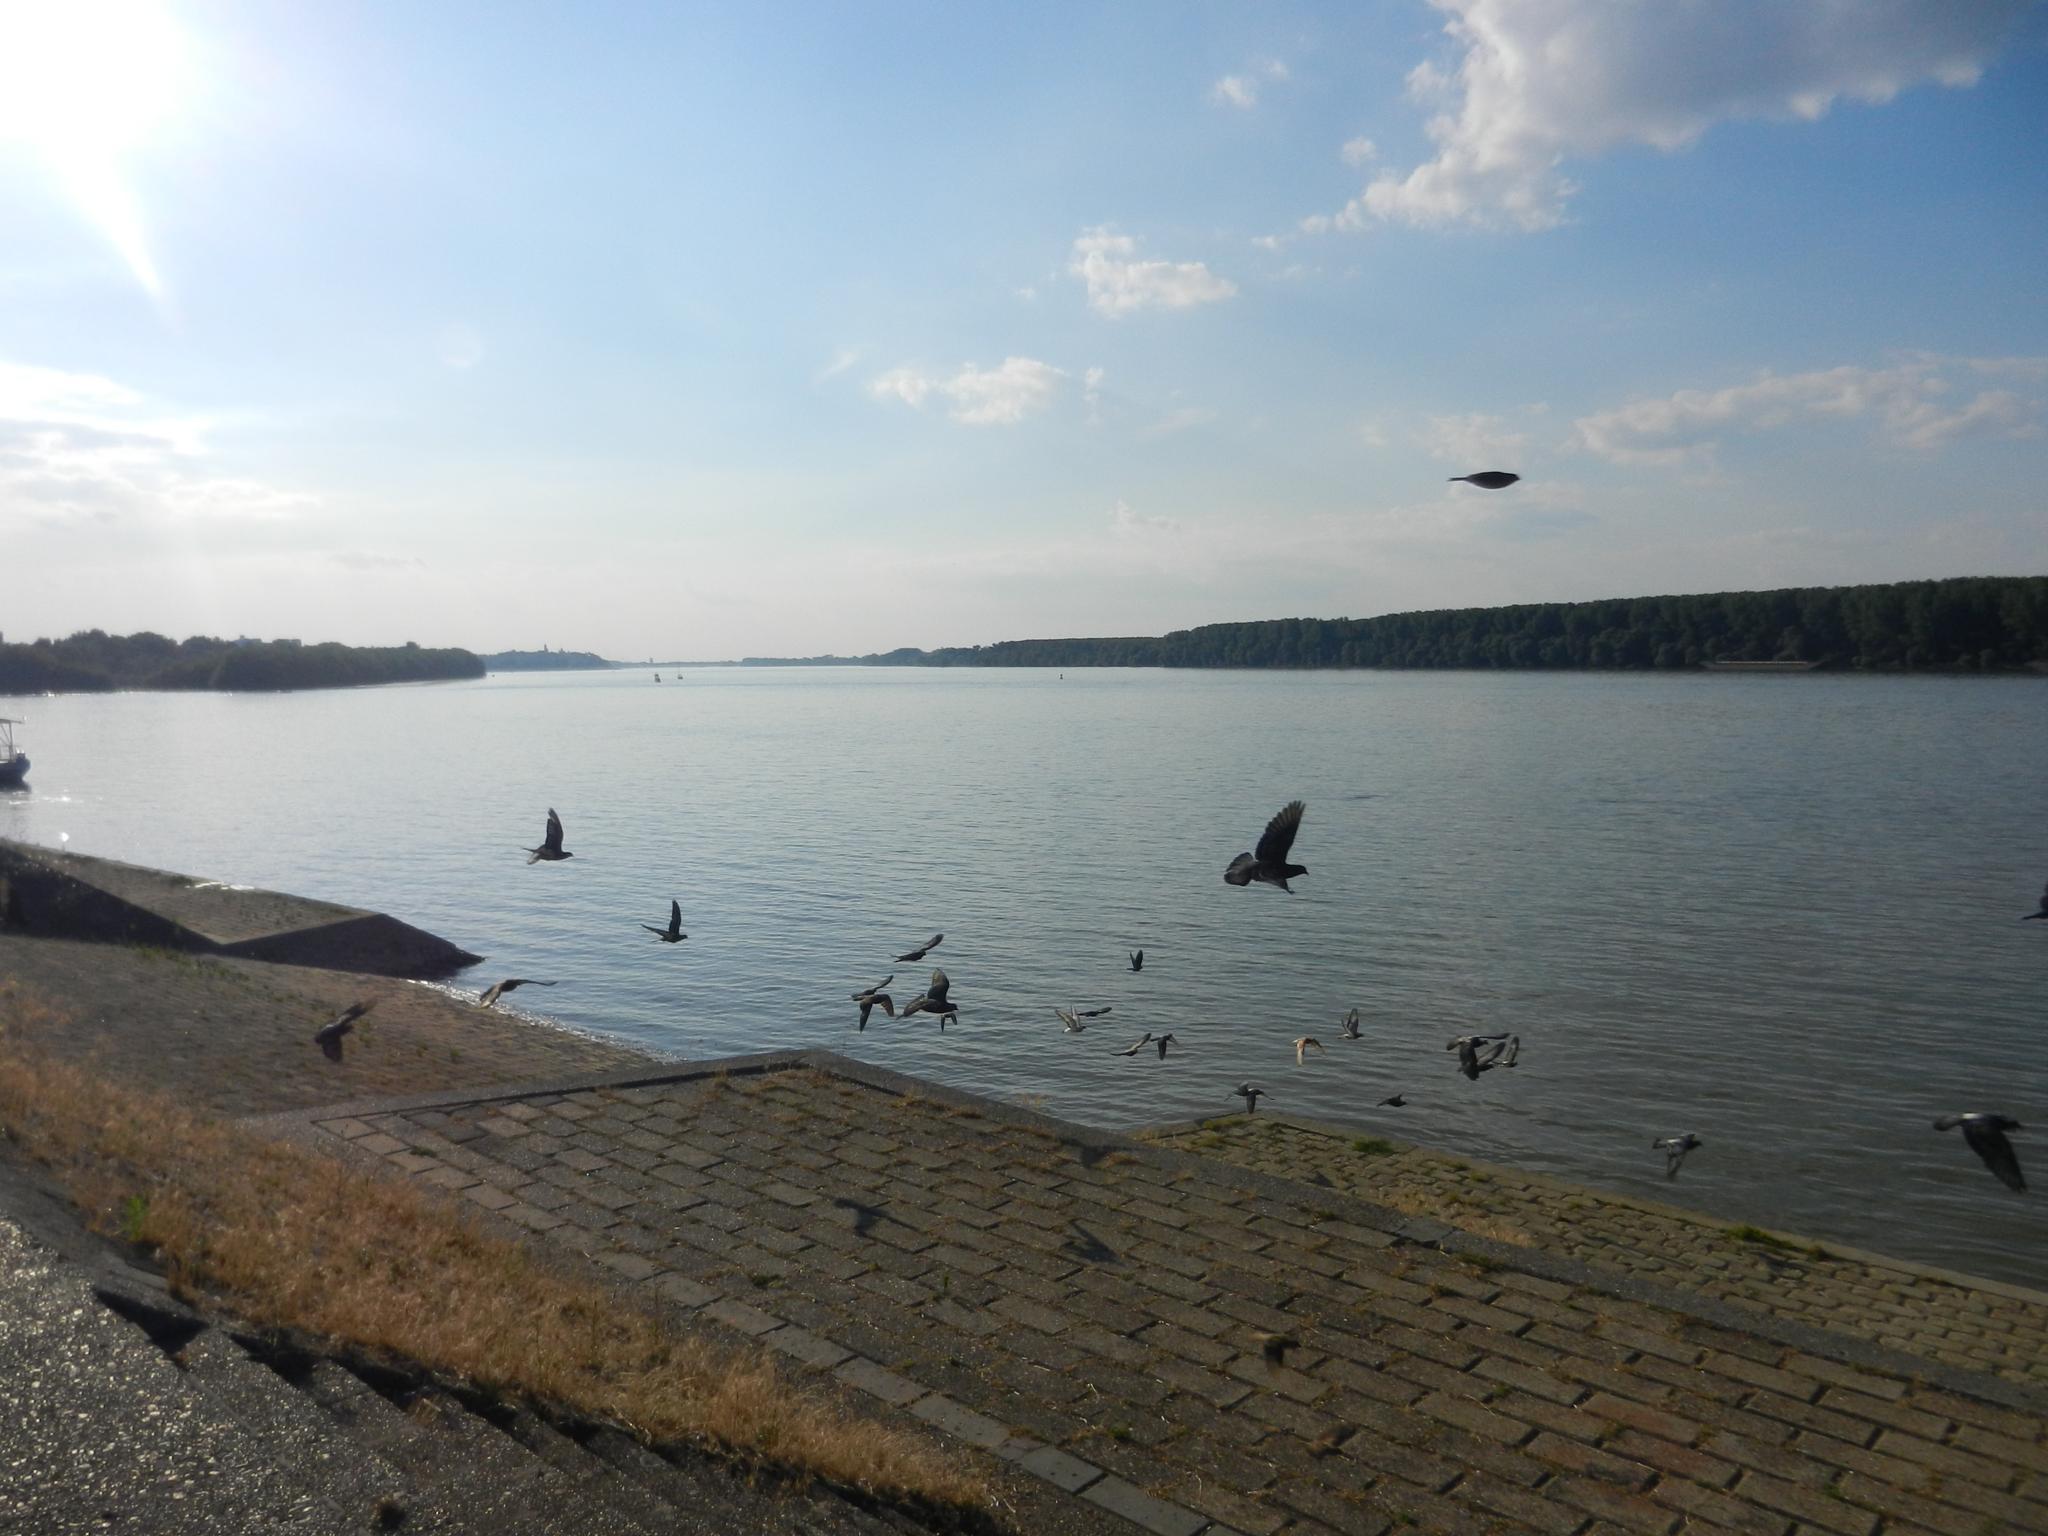 BIRDS AT THE DUNAV IN BELGRADE by Dbmt99